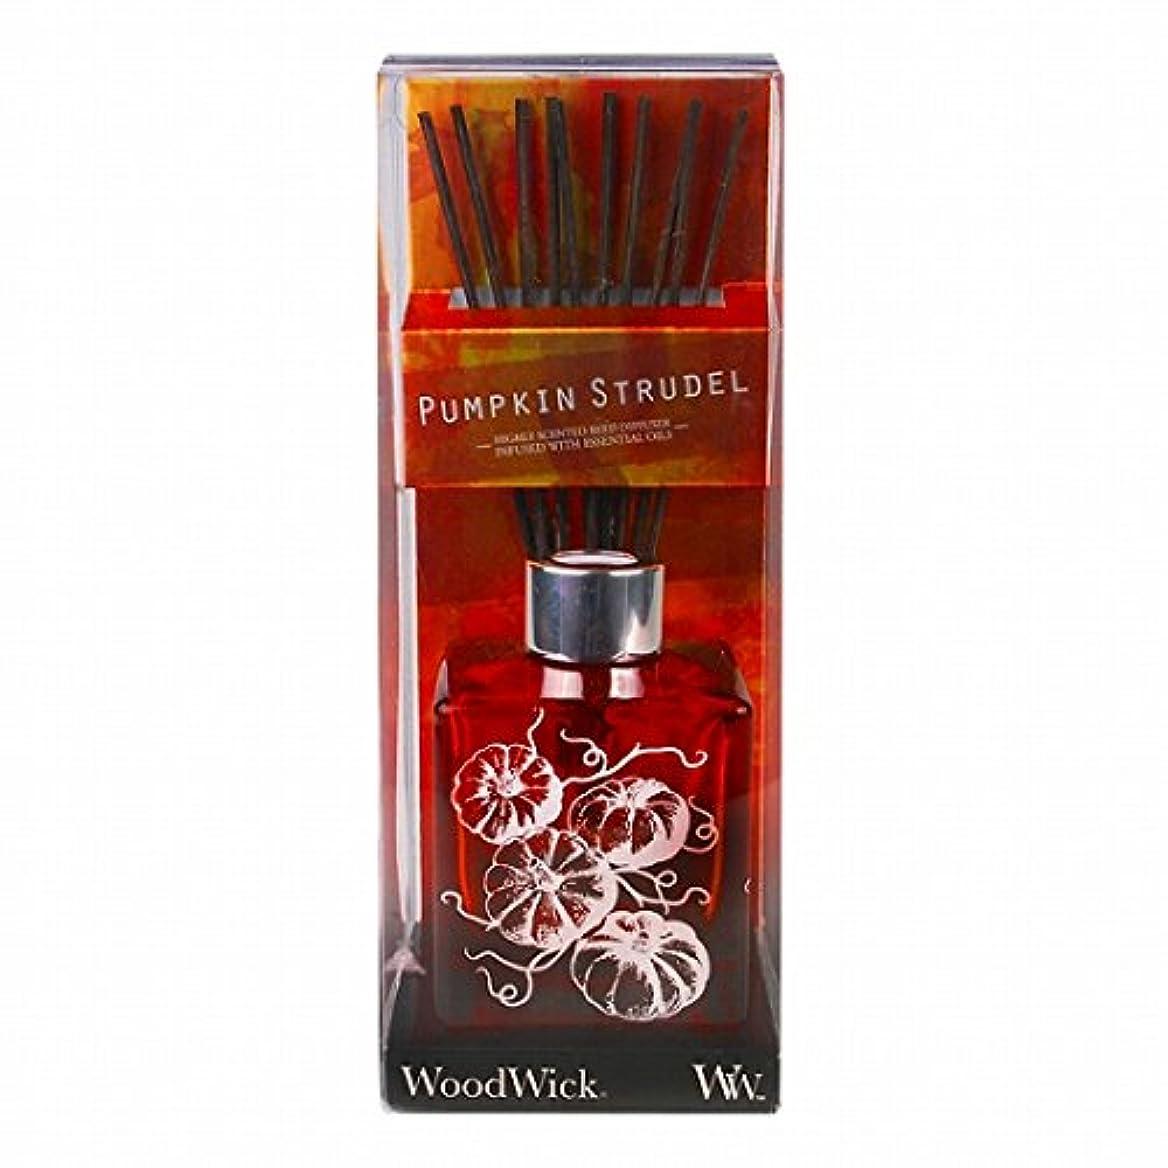 操作可能仕方アカデミーウッドウィック(WoodWick) Wood Wickダンシンググラスリードディフューザー 「 シュトルーデル 」